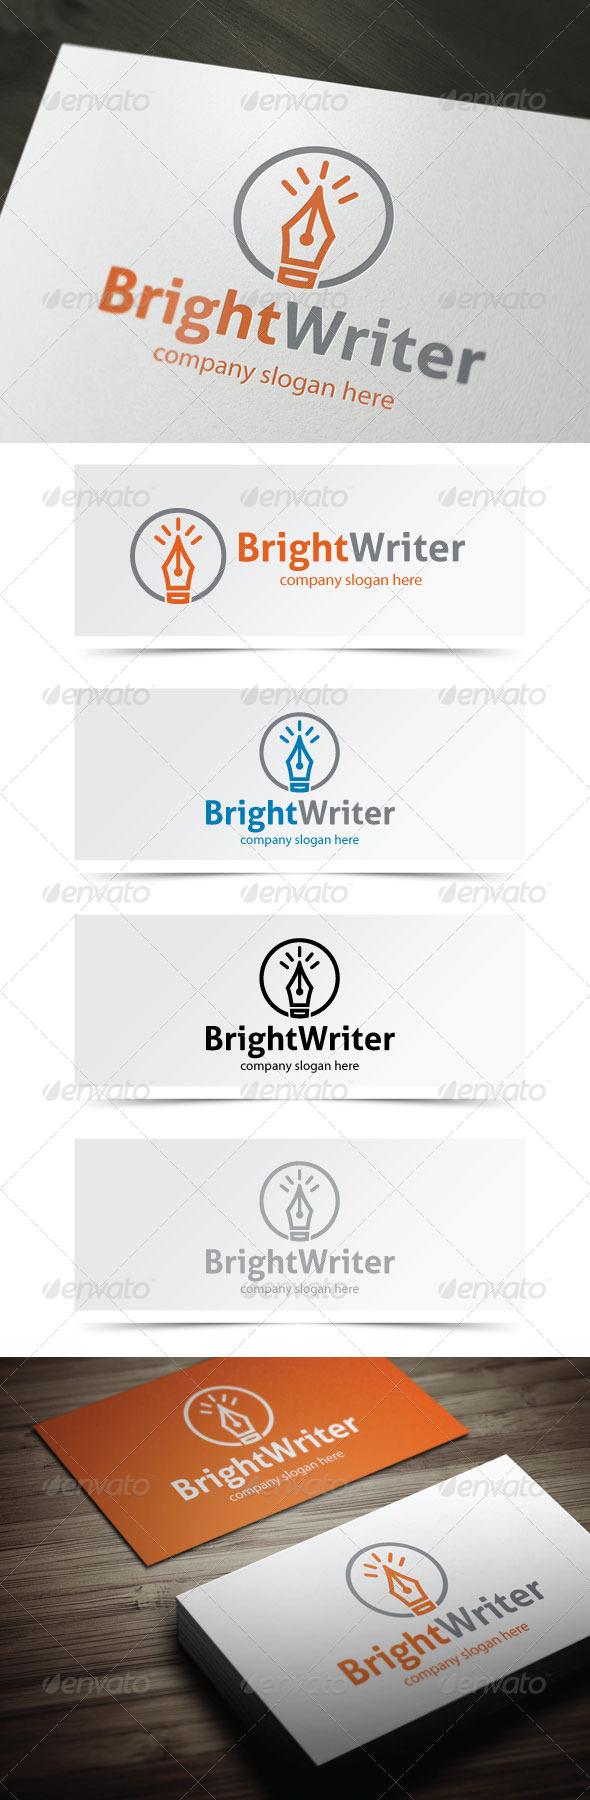 GraphicRiver Bright Writer 5437254